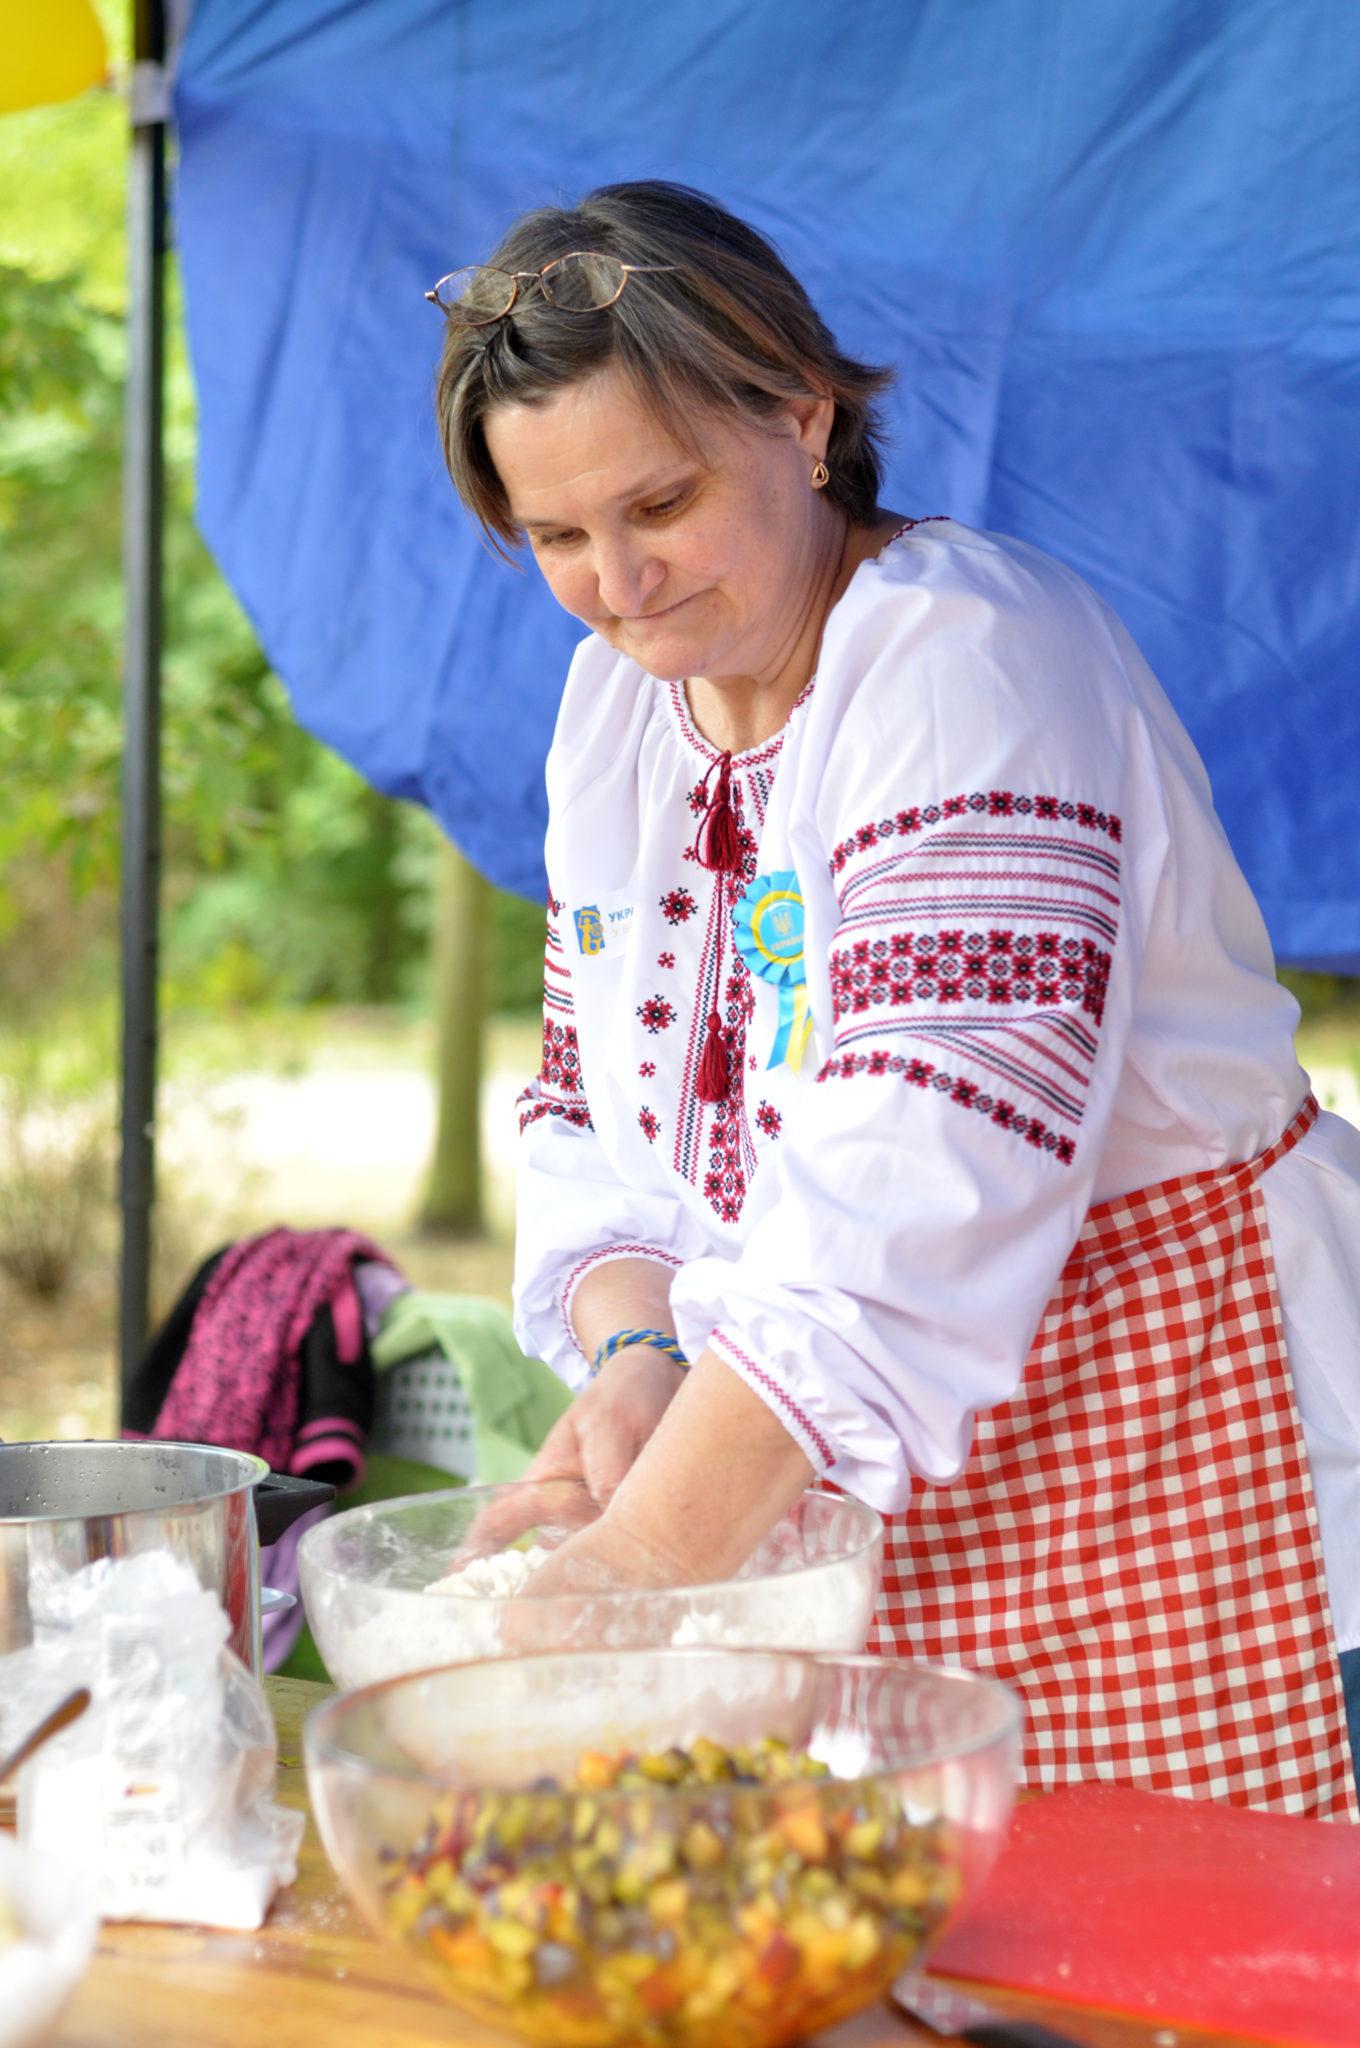 Marija Popko